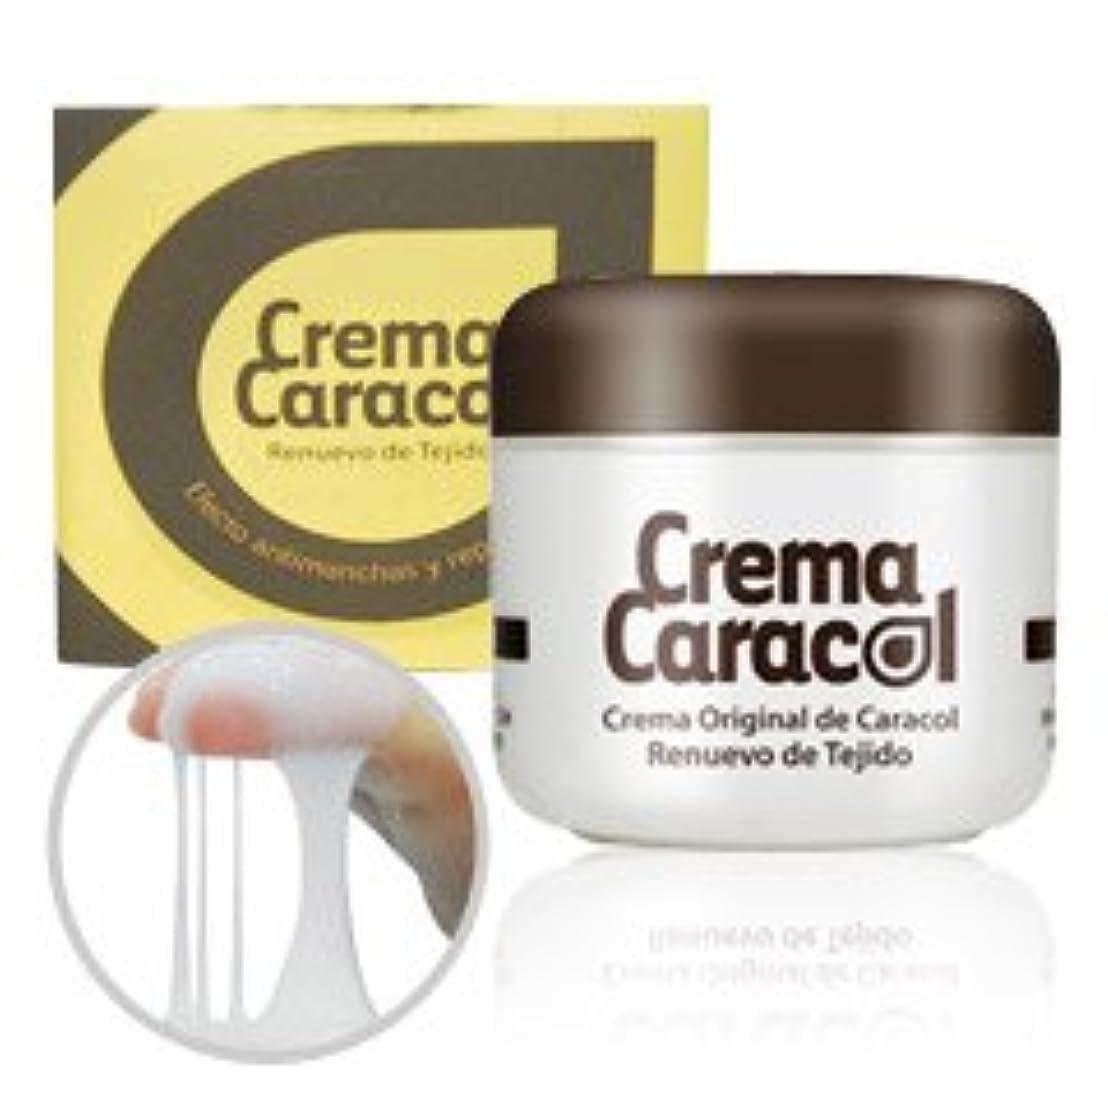 吐くほのかオゾンcrema caracol(カラコール) かたつむりクリーム 3個セット